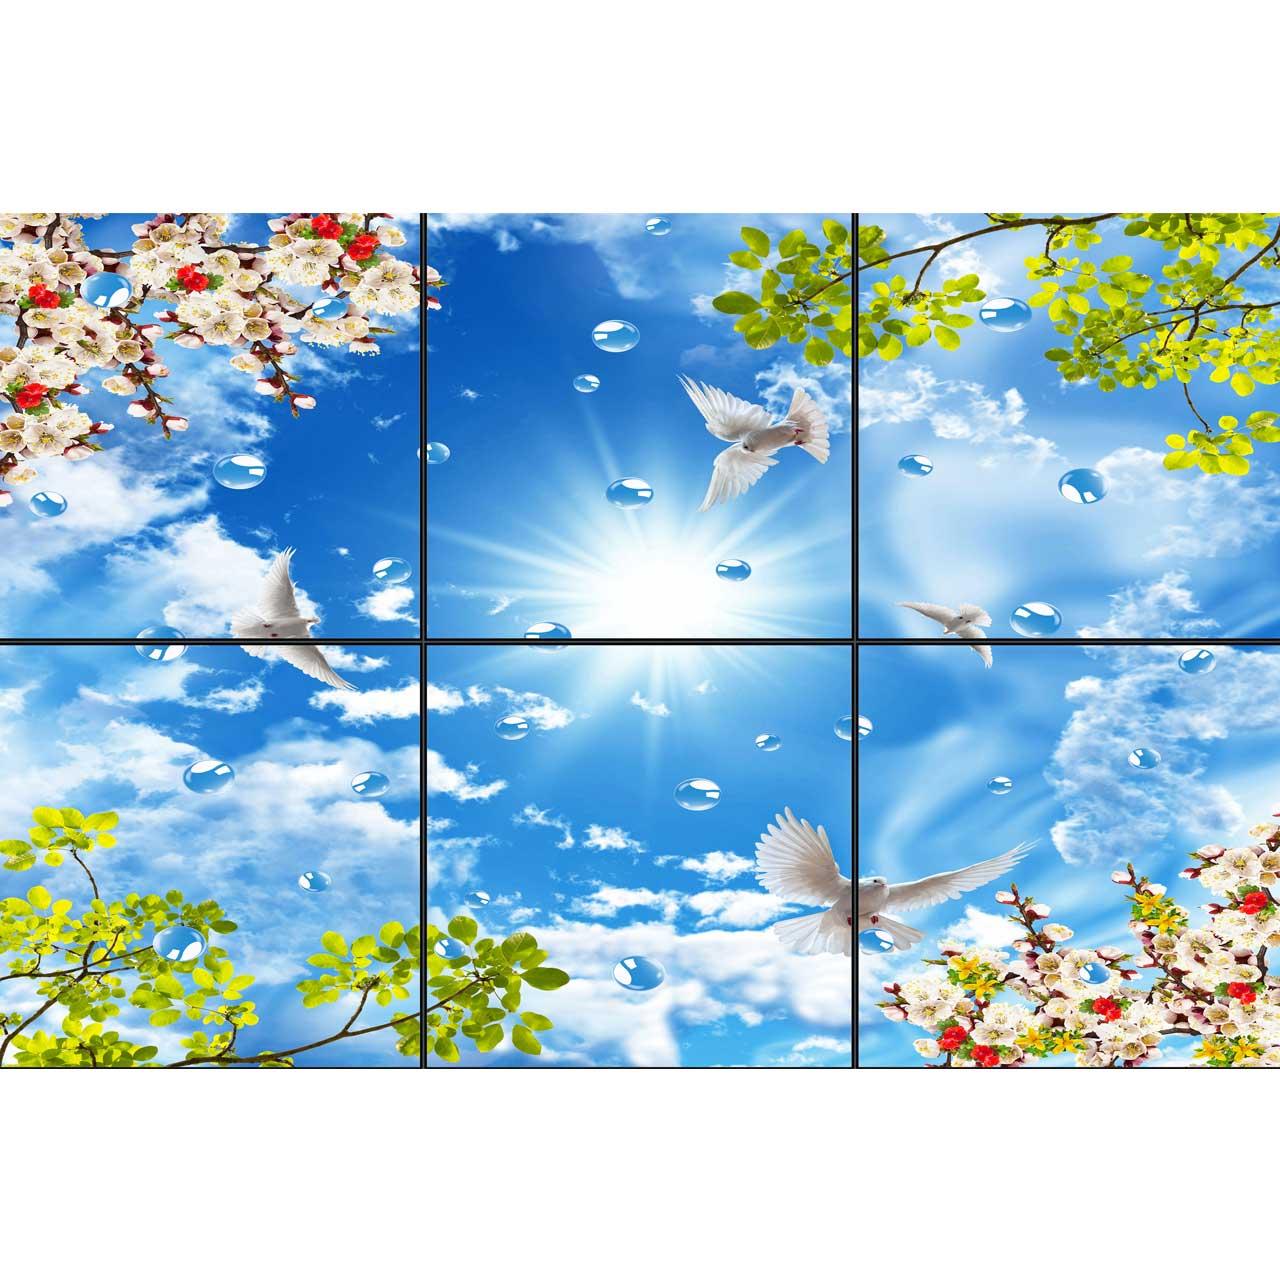 تایل سقفی آسمان مجازی طرح قطرات آب کد 0040 سایز 60x60 سانتی متر مجموعه 6 عددی